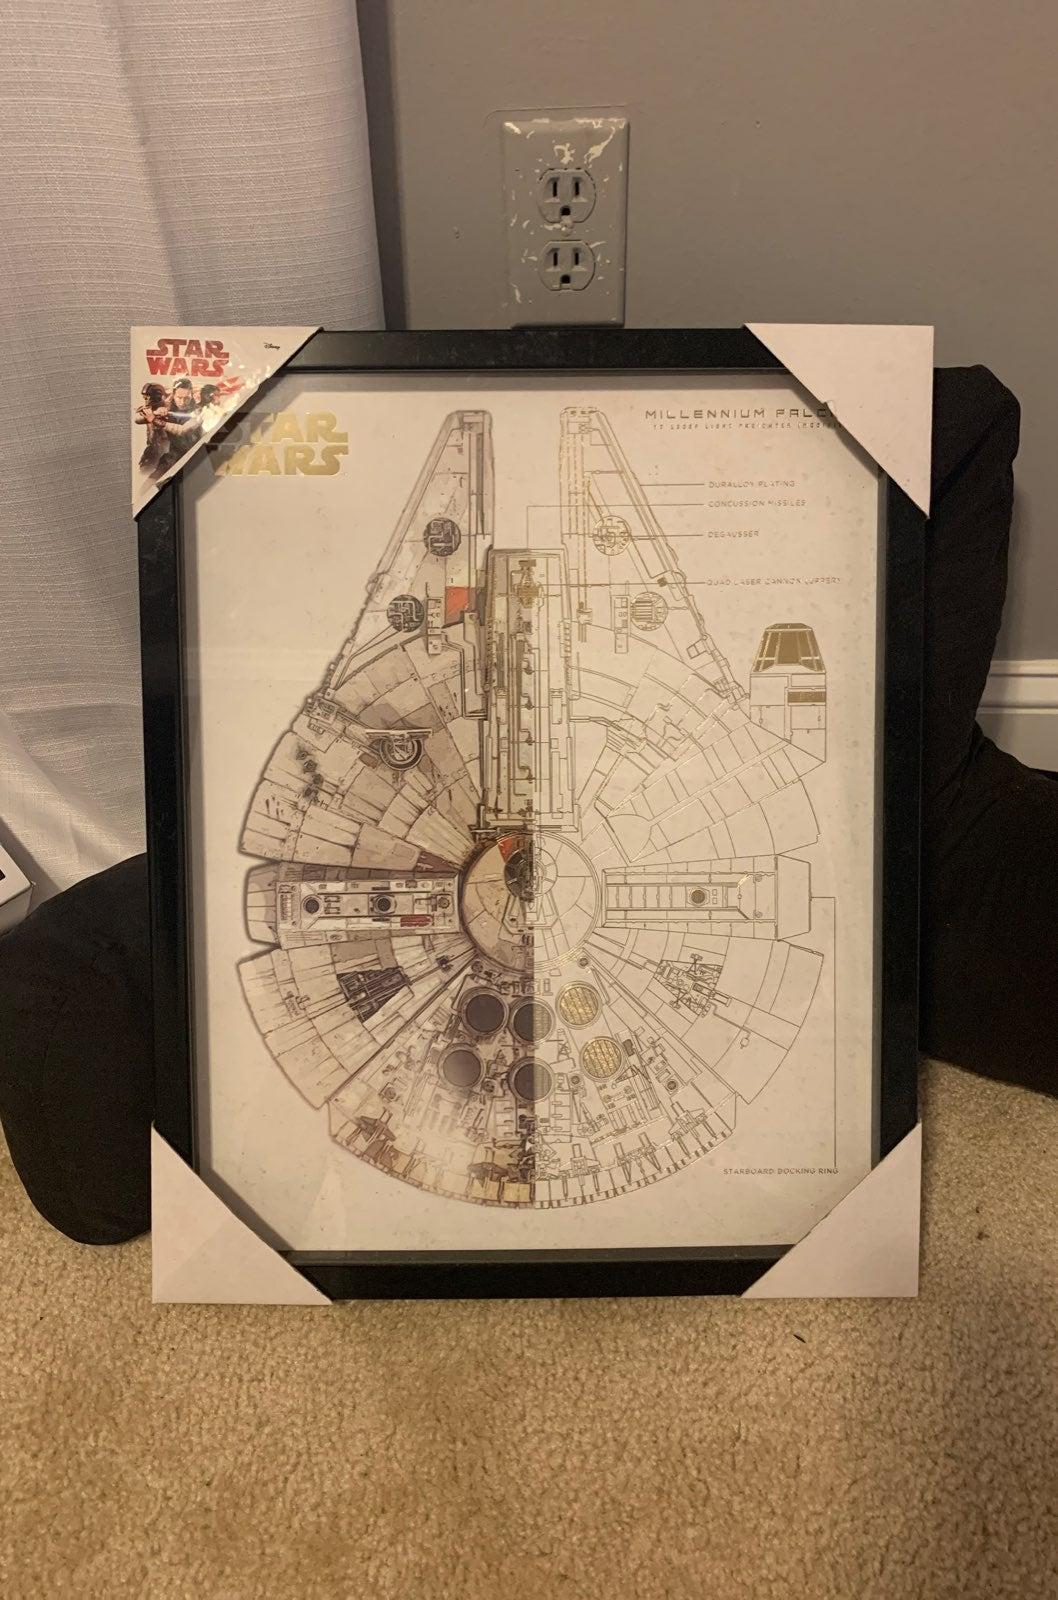 Star wars millennium falcon wall frame